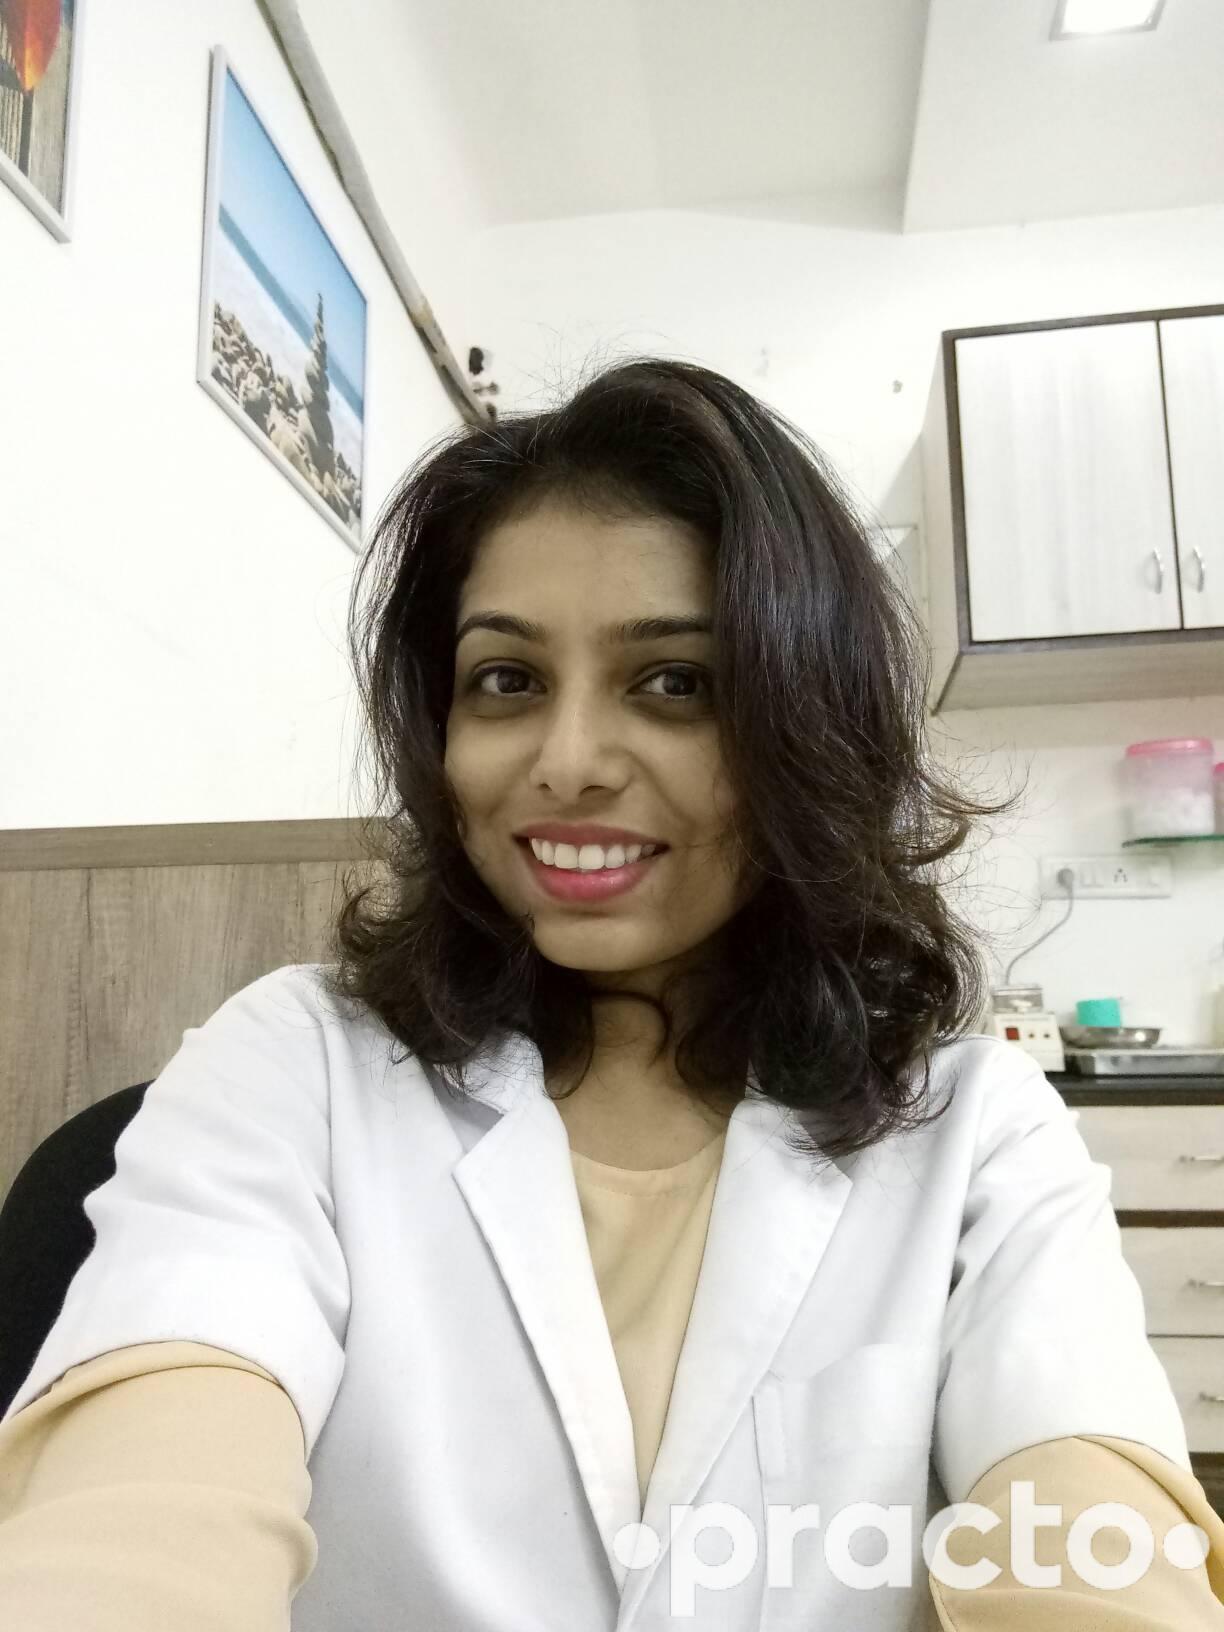 Dr. Mithila Rao Shete